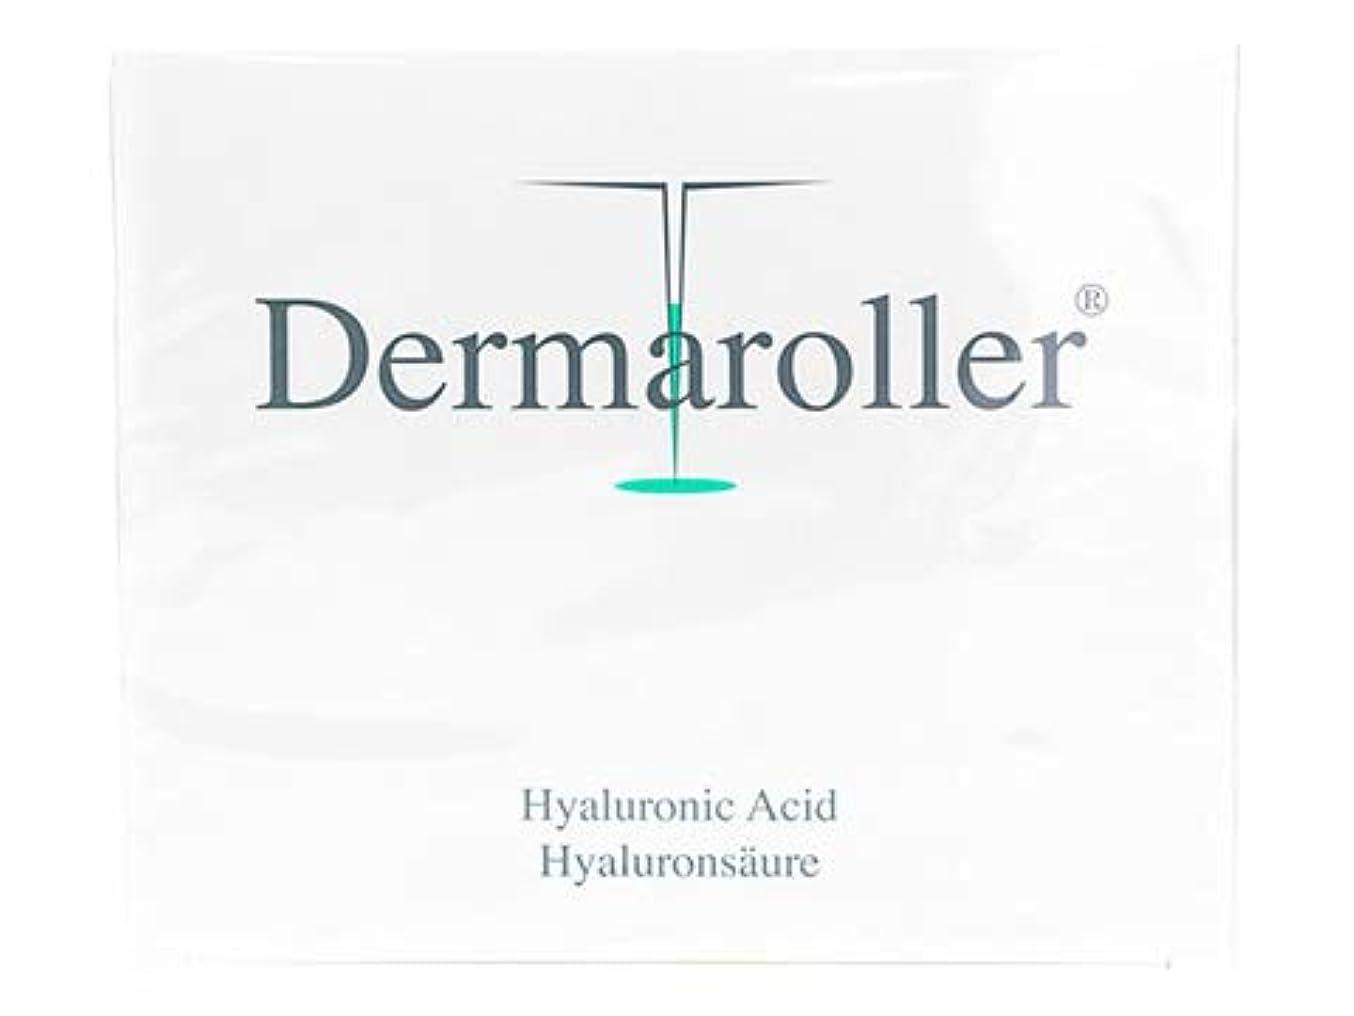 膨らみ家事ローズダーマローラー ヒアルロン酸 美容液 1.5ml30本 1箱 Dermaroller HyaluronicAcid Made in Germany